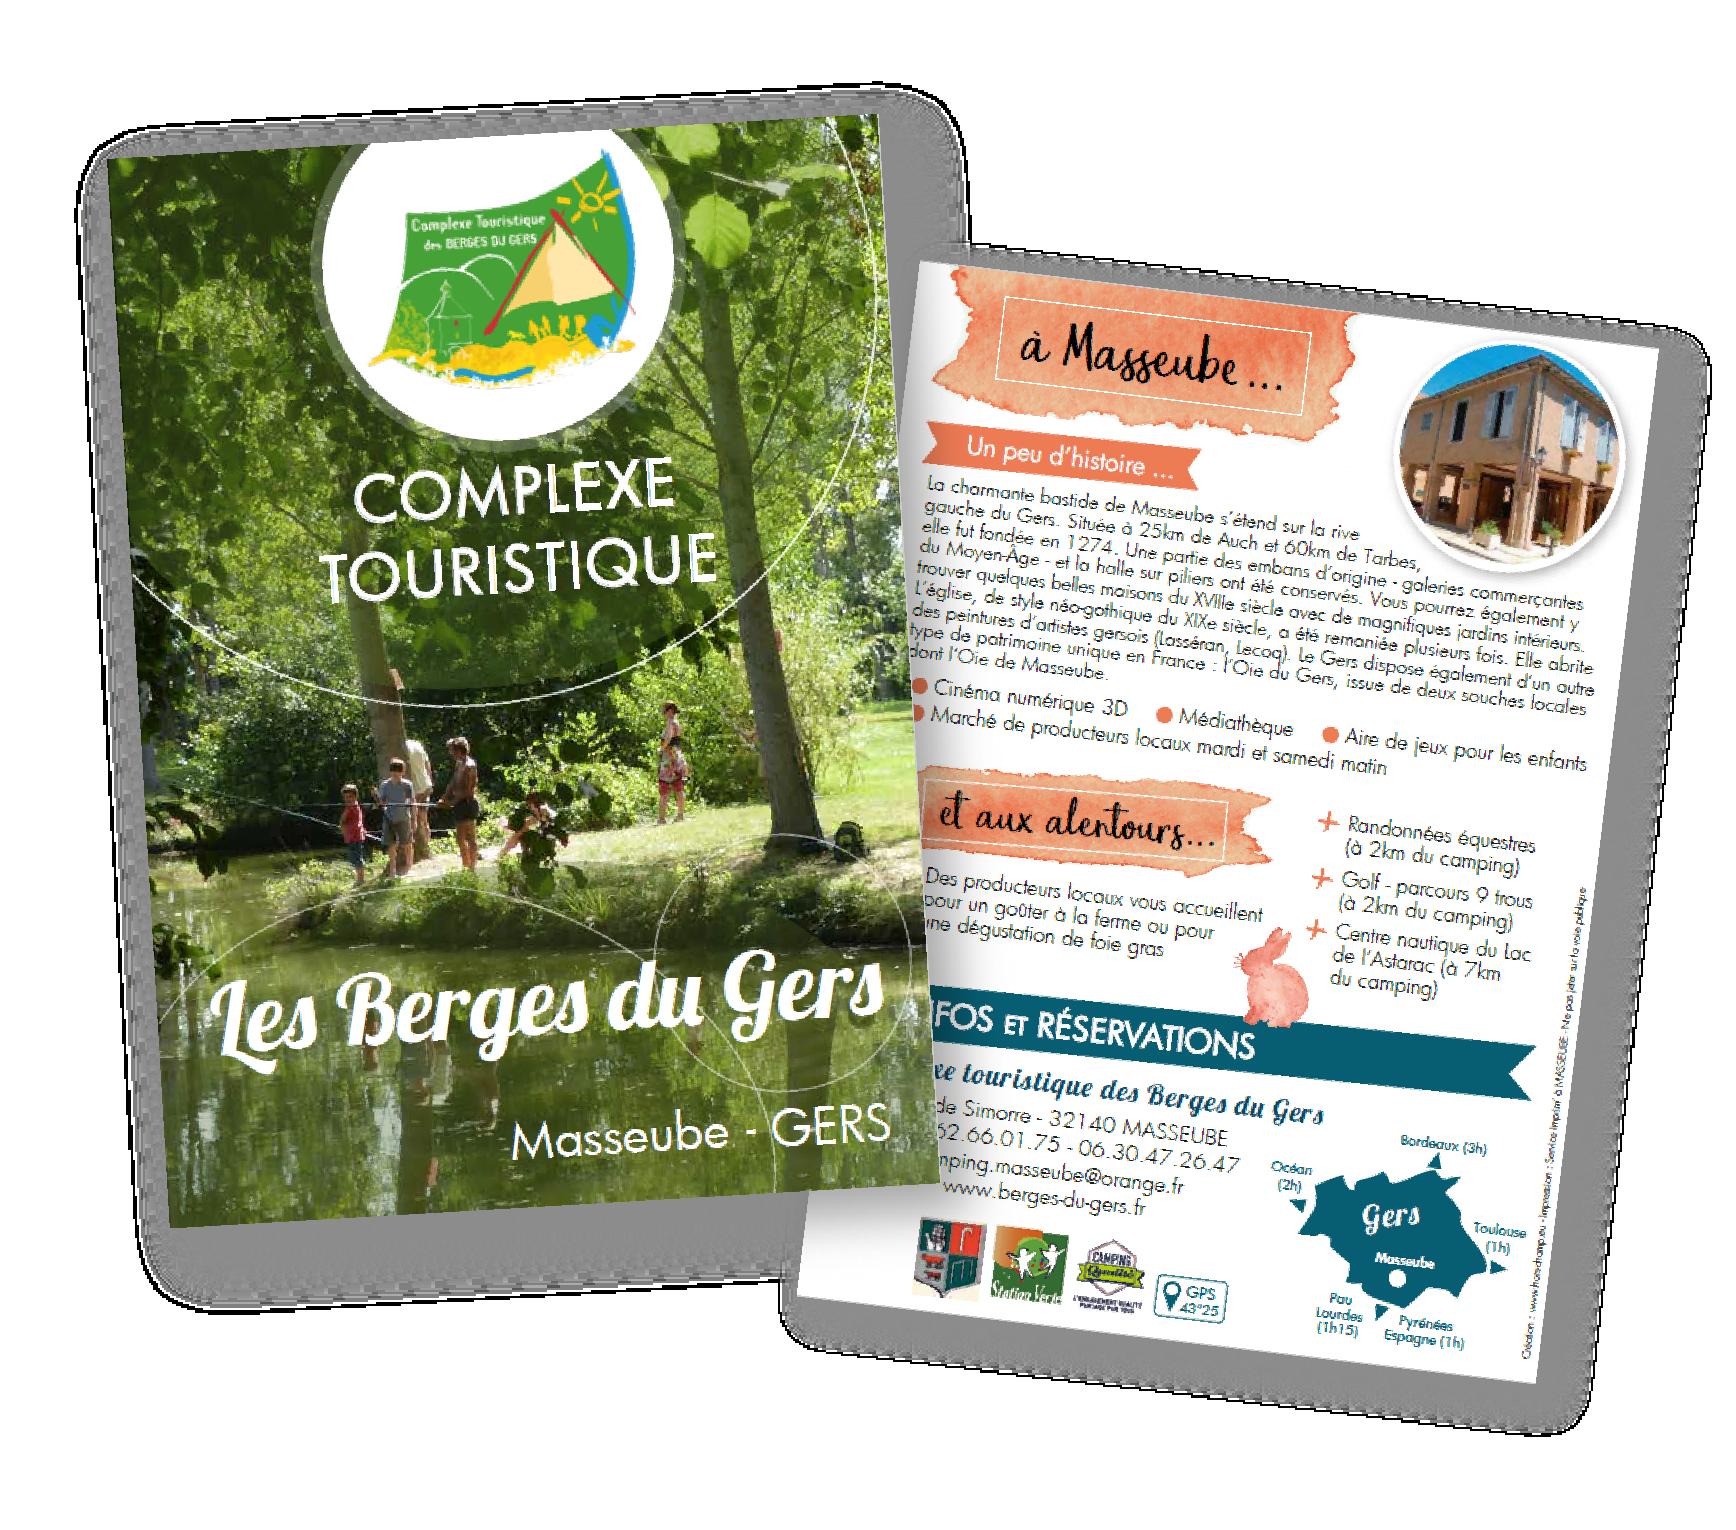 Camping Les Berges du Gers à Masseube (2018)